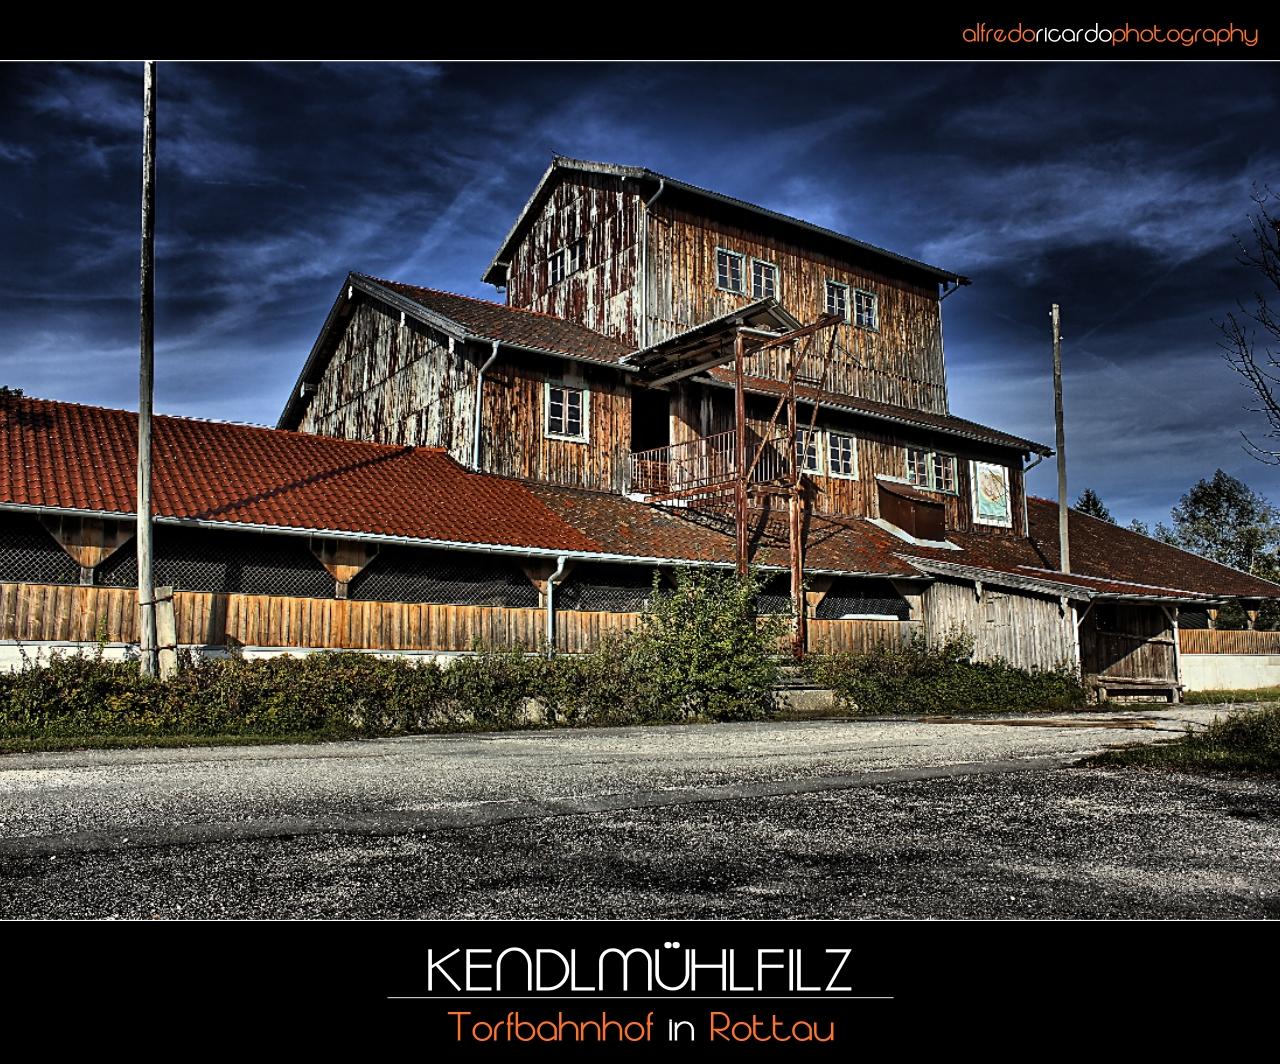 Ein stillgelegter Torfbahnhof